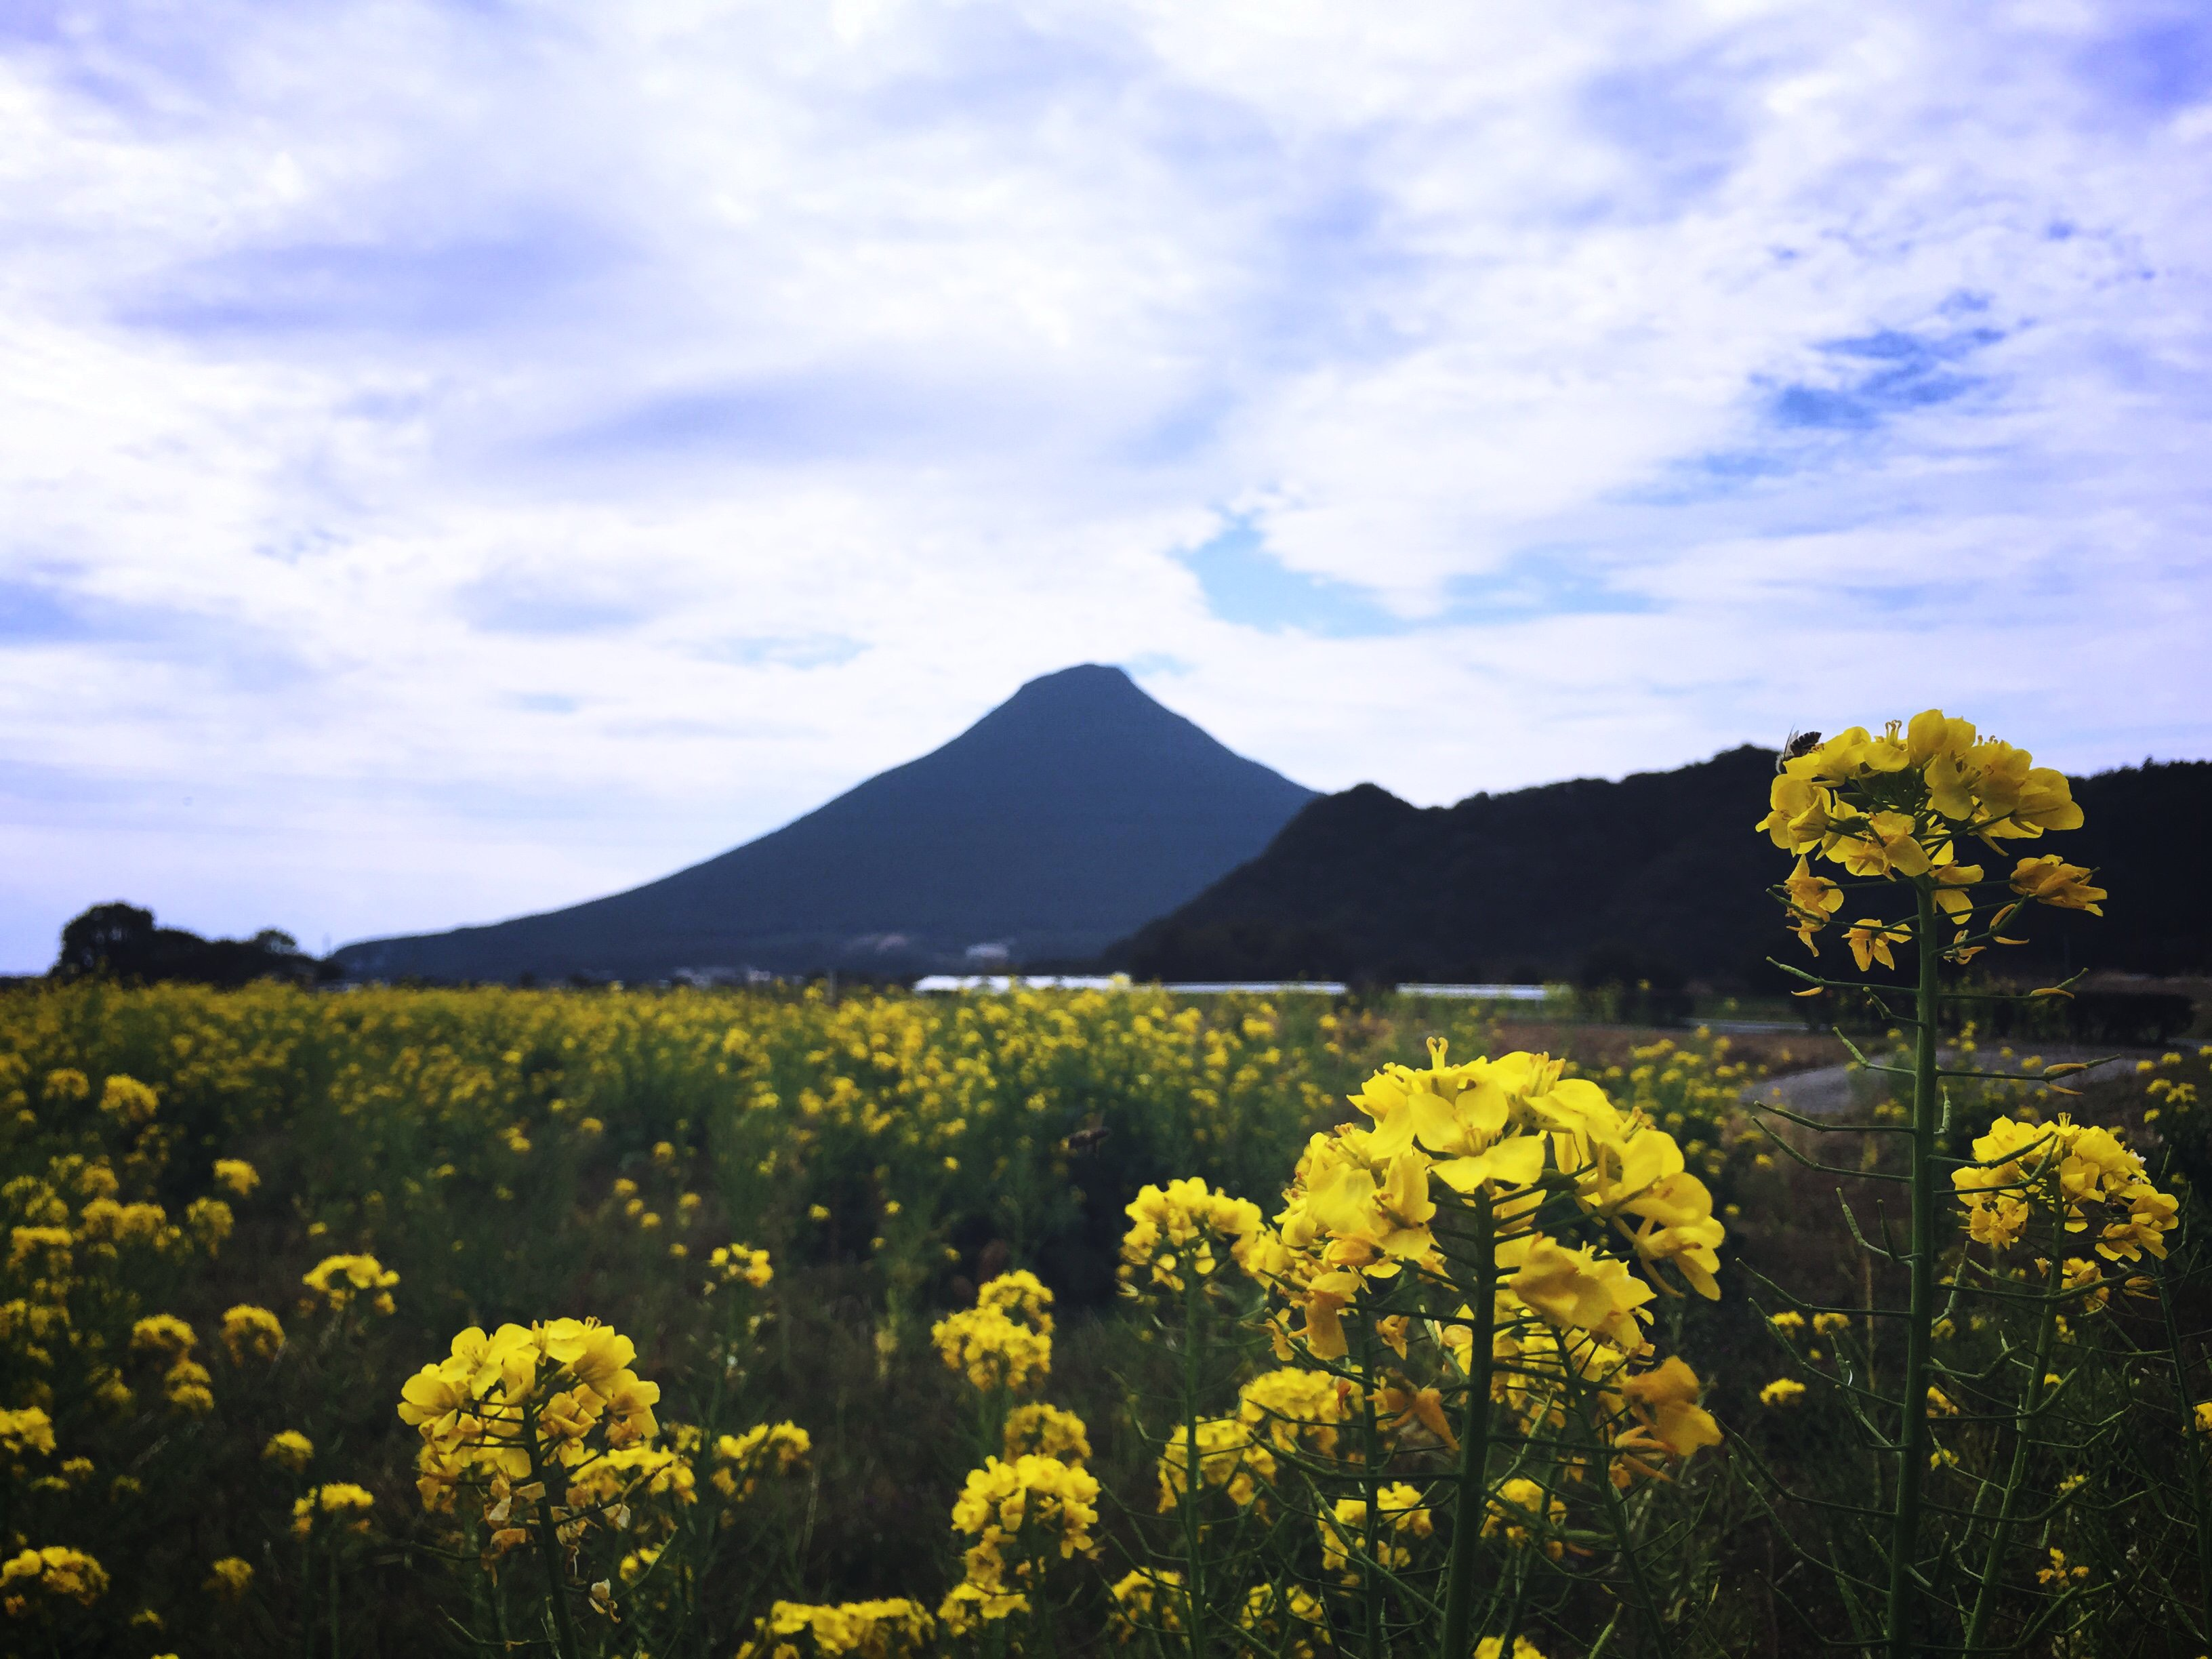 いざ日本百名山。開聞岳登山でingressミッション開始!